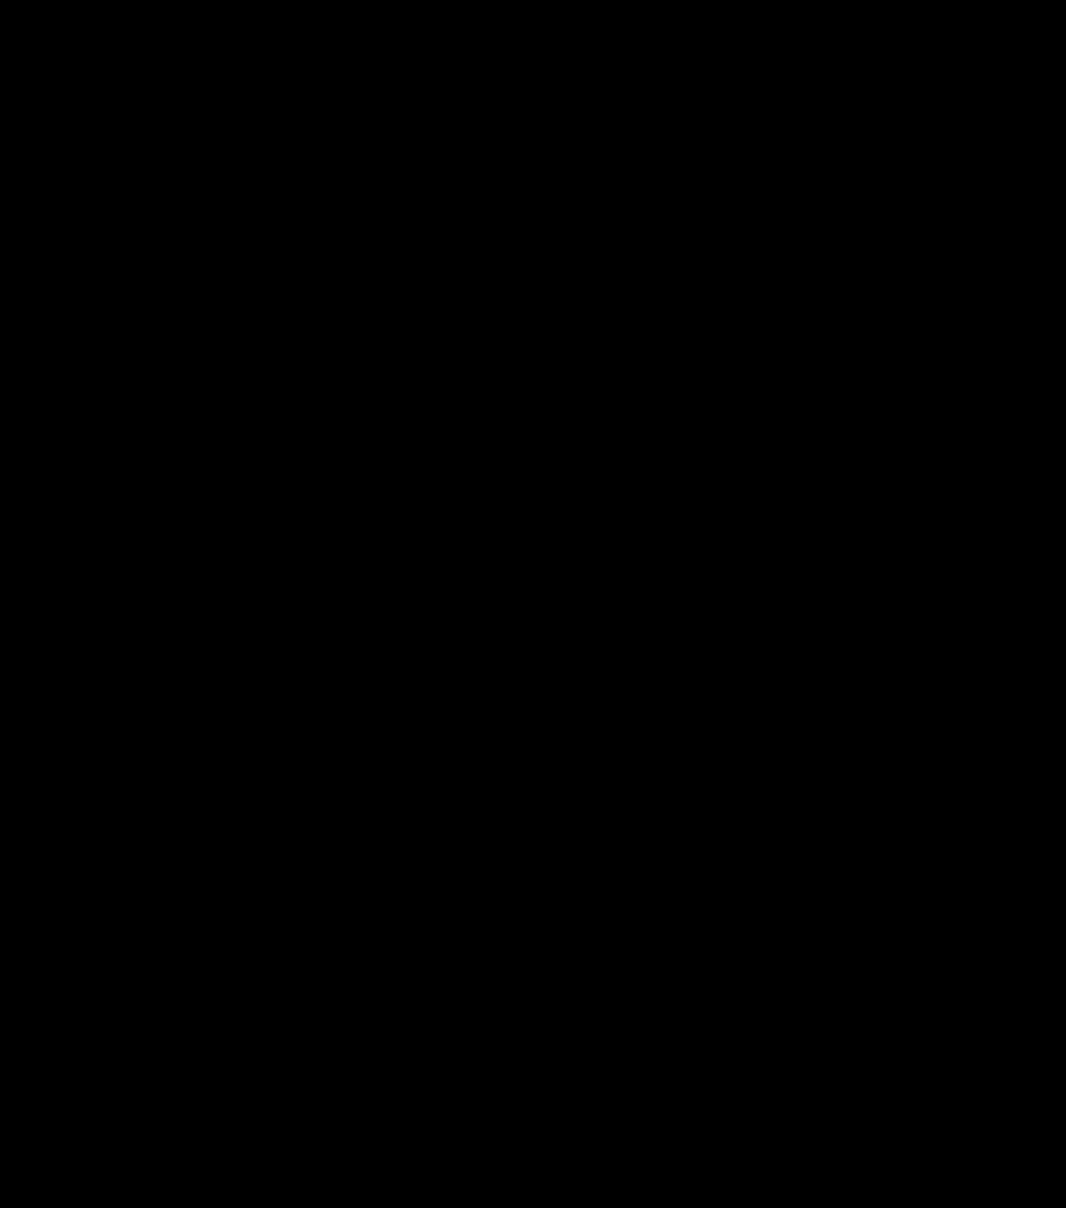 Free Arrow Symbols